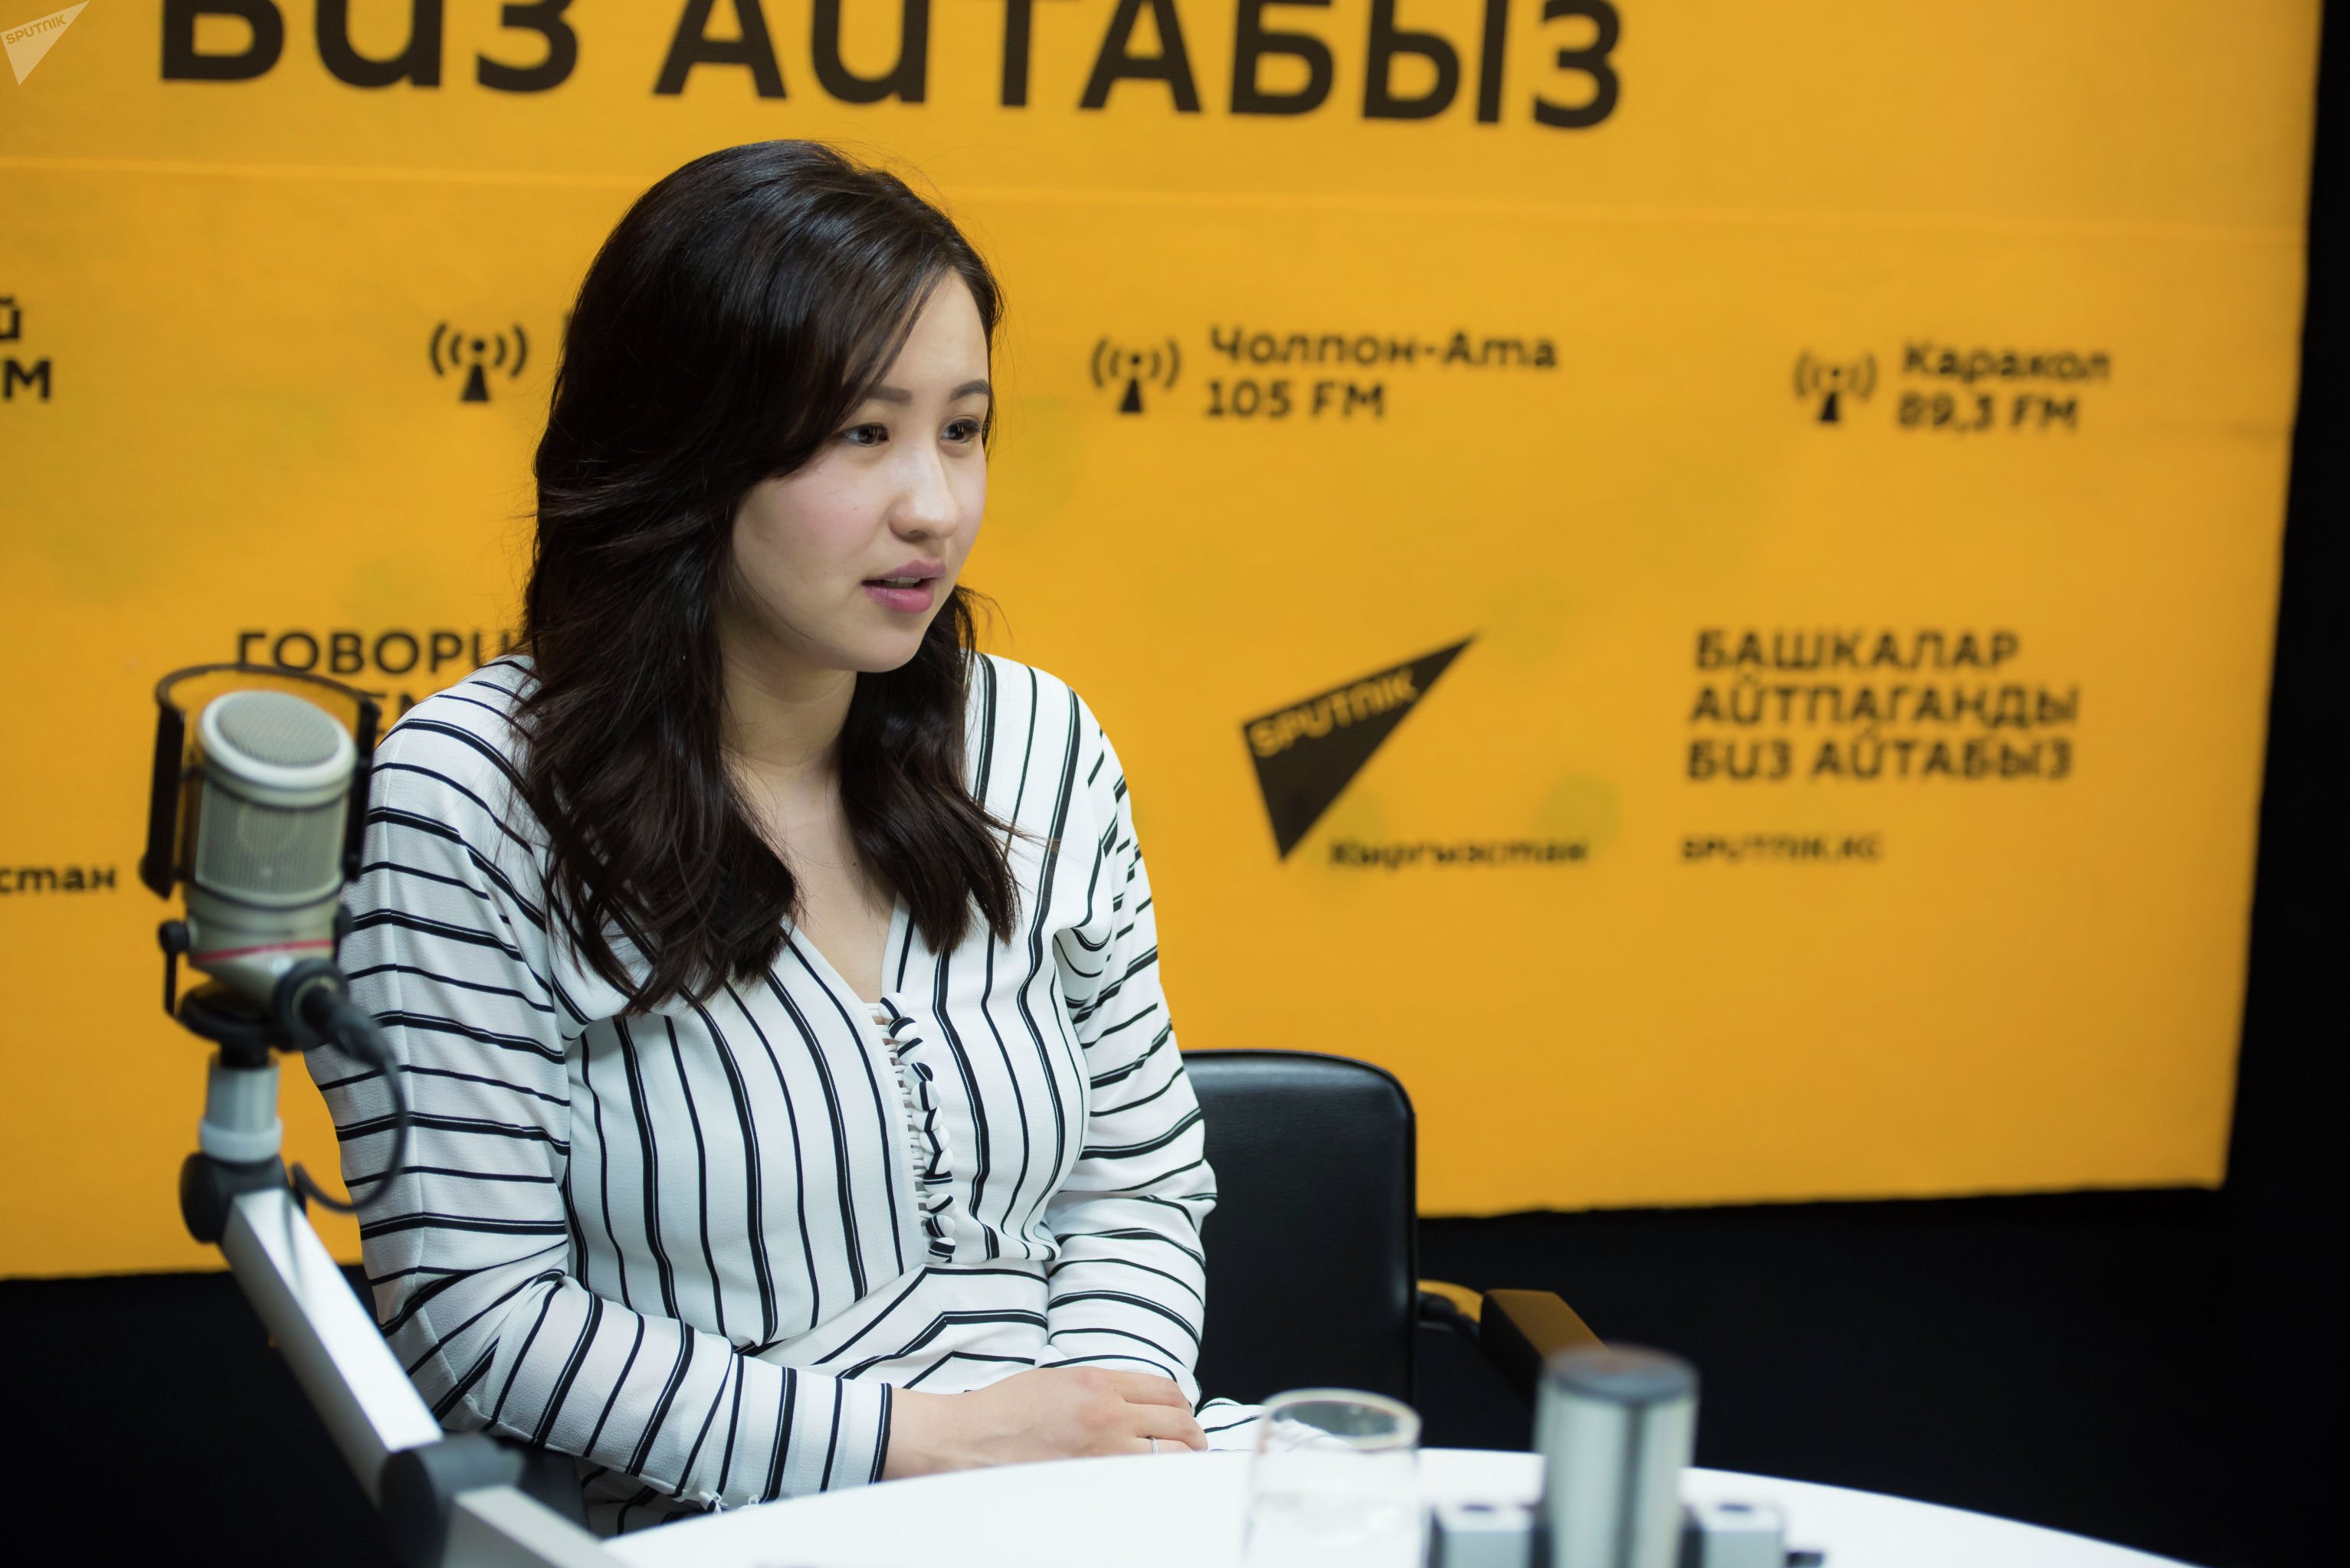 Телеведущая и супруга певца Мирбека Атабекова Мээрим Толопберген во время беседы на радио Sputnik Кыргызстан